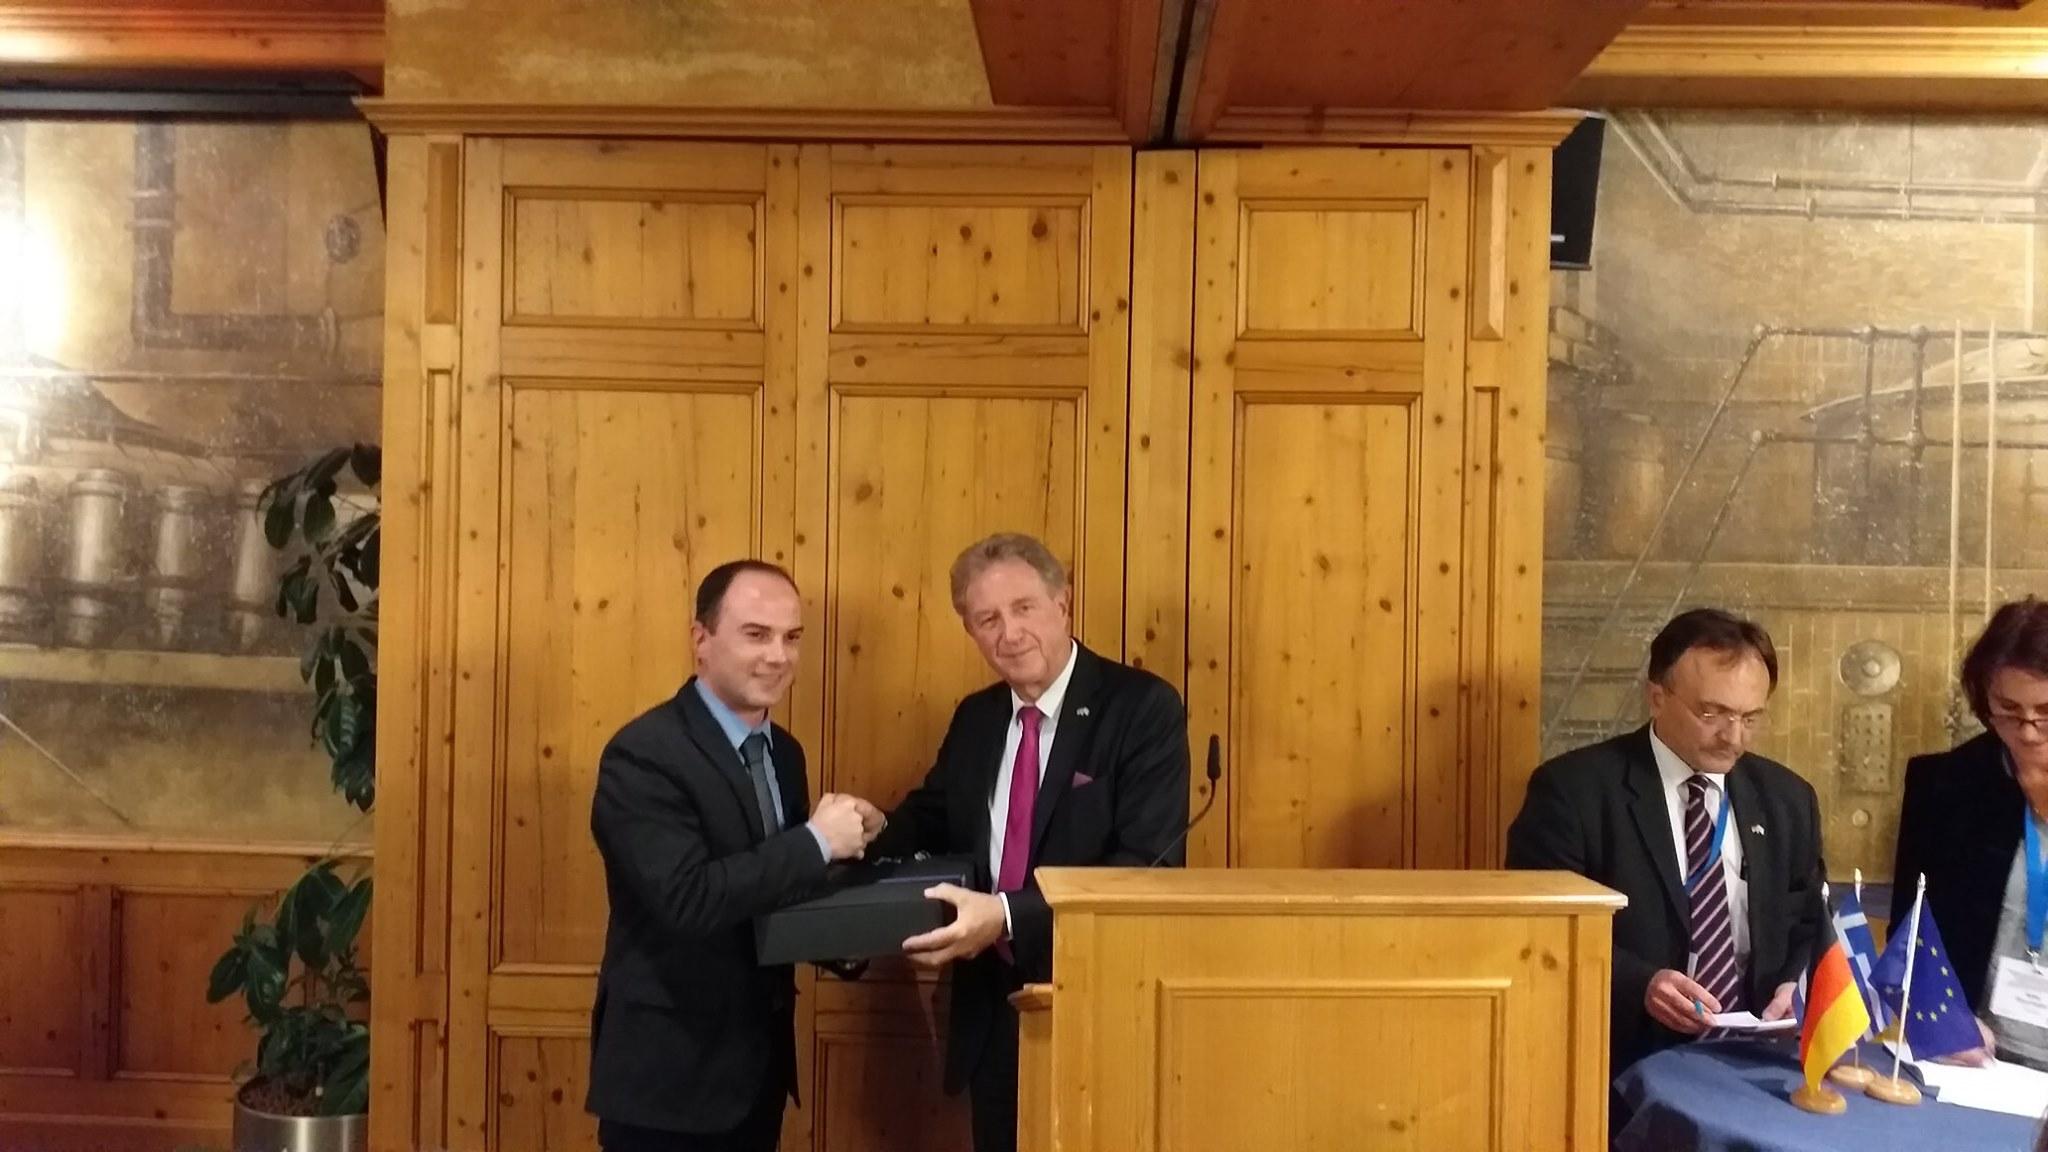 Ο Αντιπεριφερειάρχης, Λάμπρος Δημητρογιάννης, εκπροσώπησε την Π.Δ.Ε. στην Ελληνογερμανική Συνέλευση